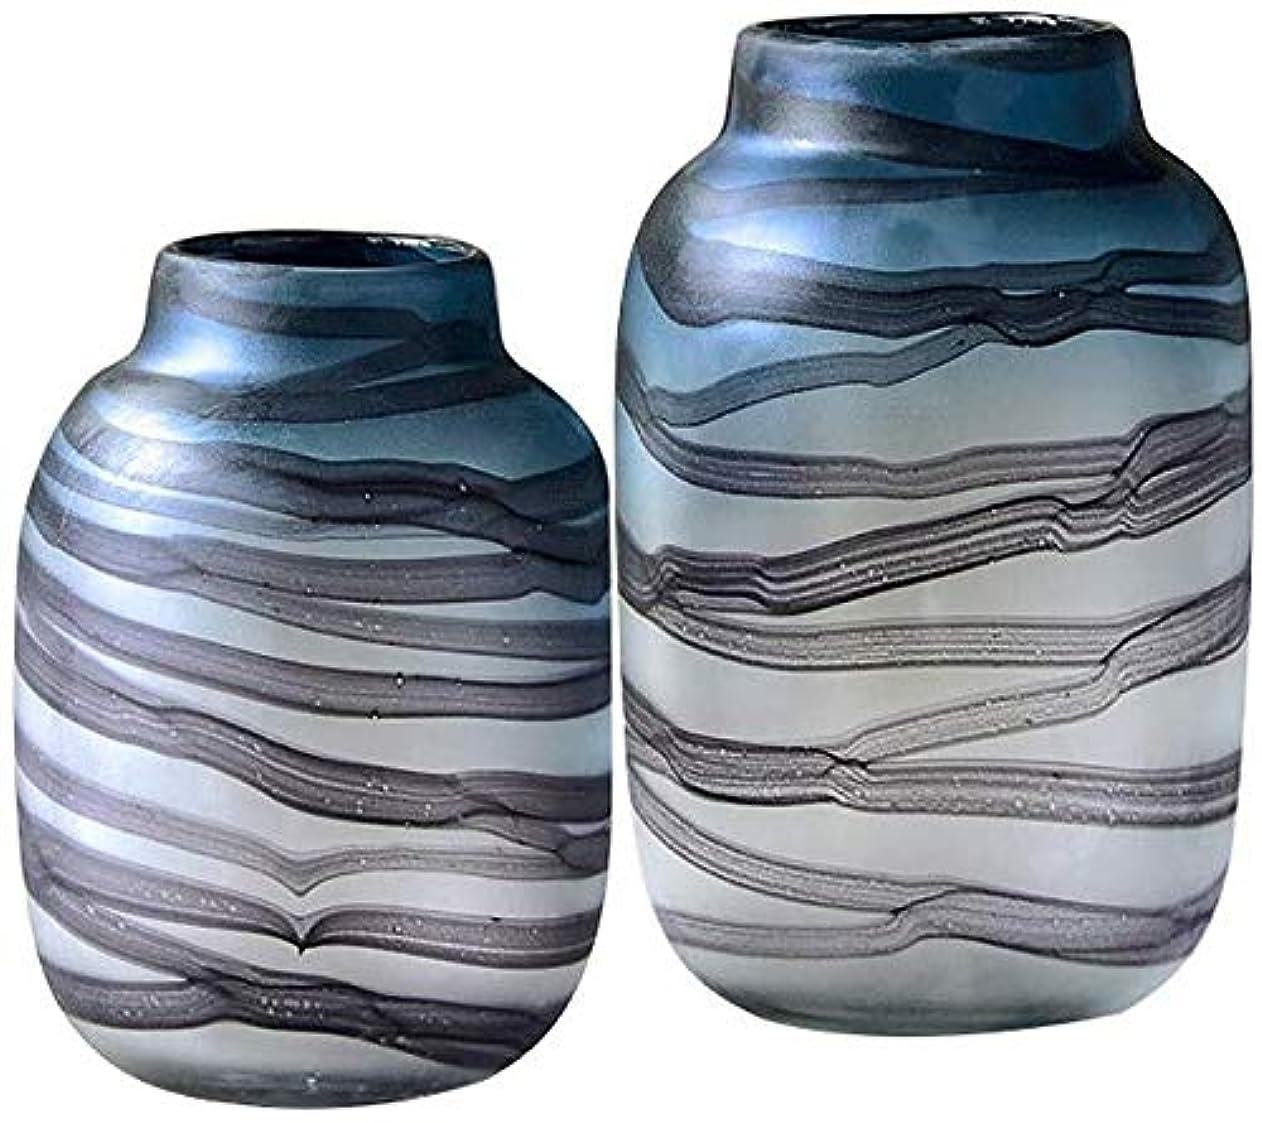 蒸留教師の日地中海花器 透明なガラスの花瓶手作りのために花の水リップルデザイン装飾ブルーサイズ工場花28 * 12センチメートル 花瓶